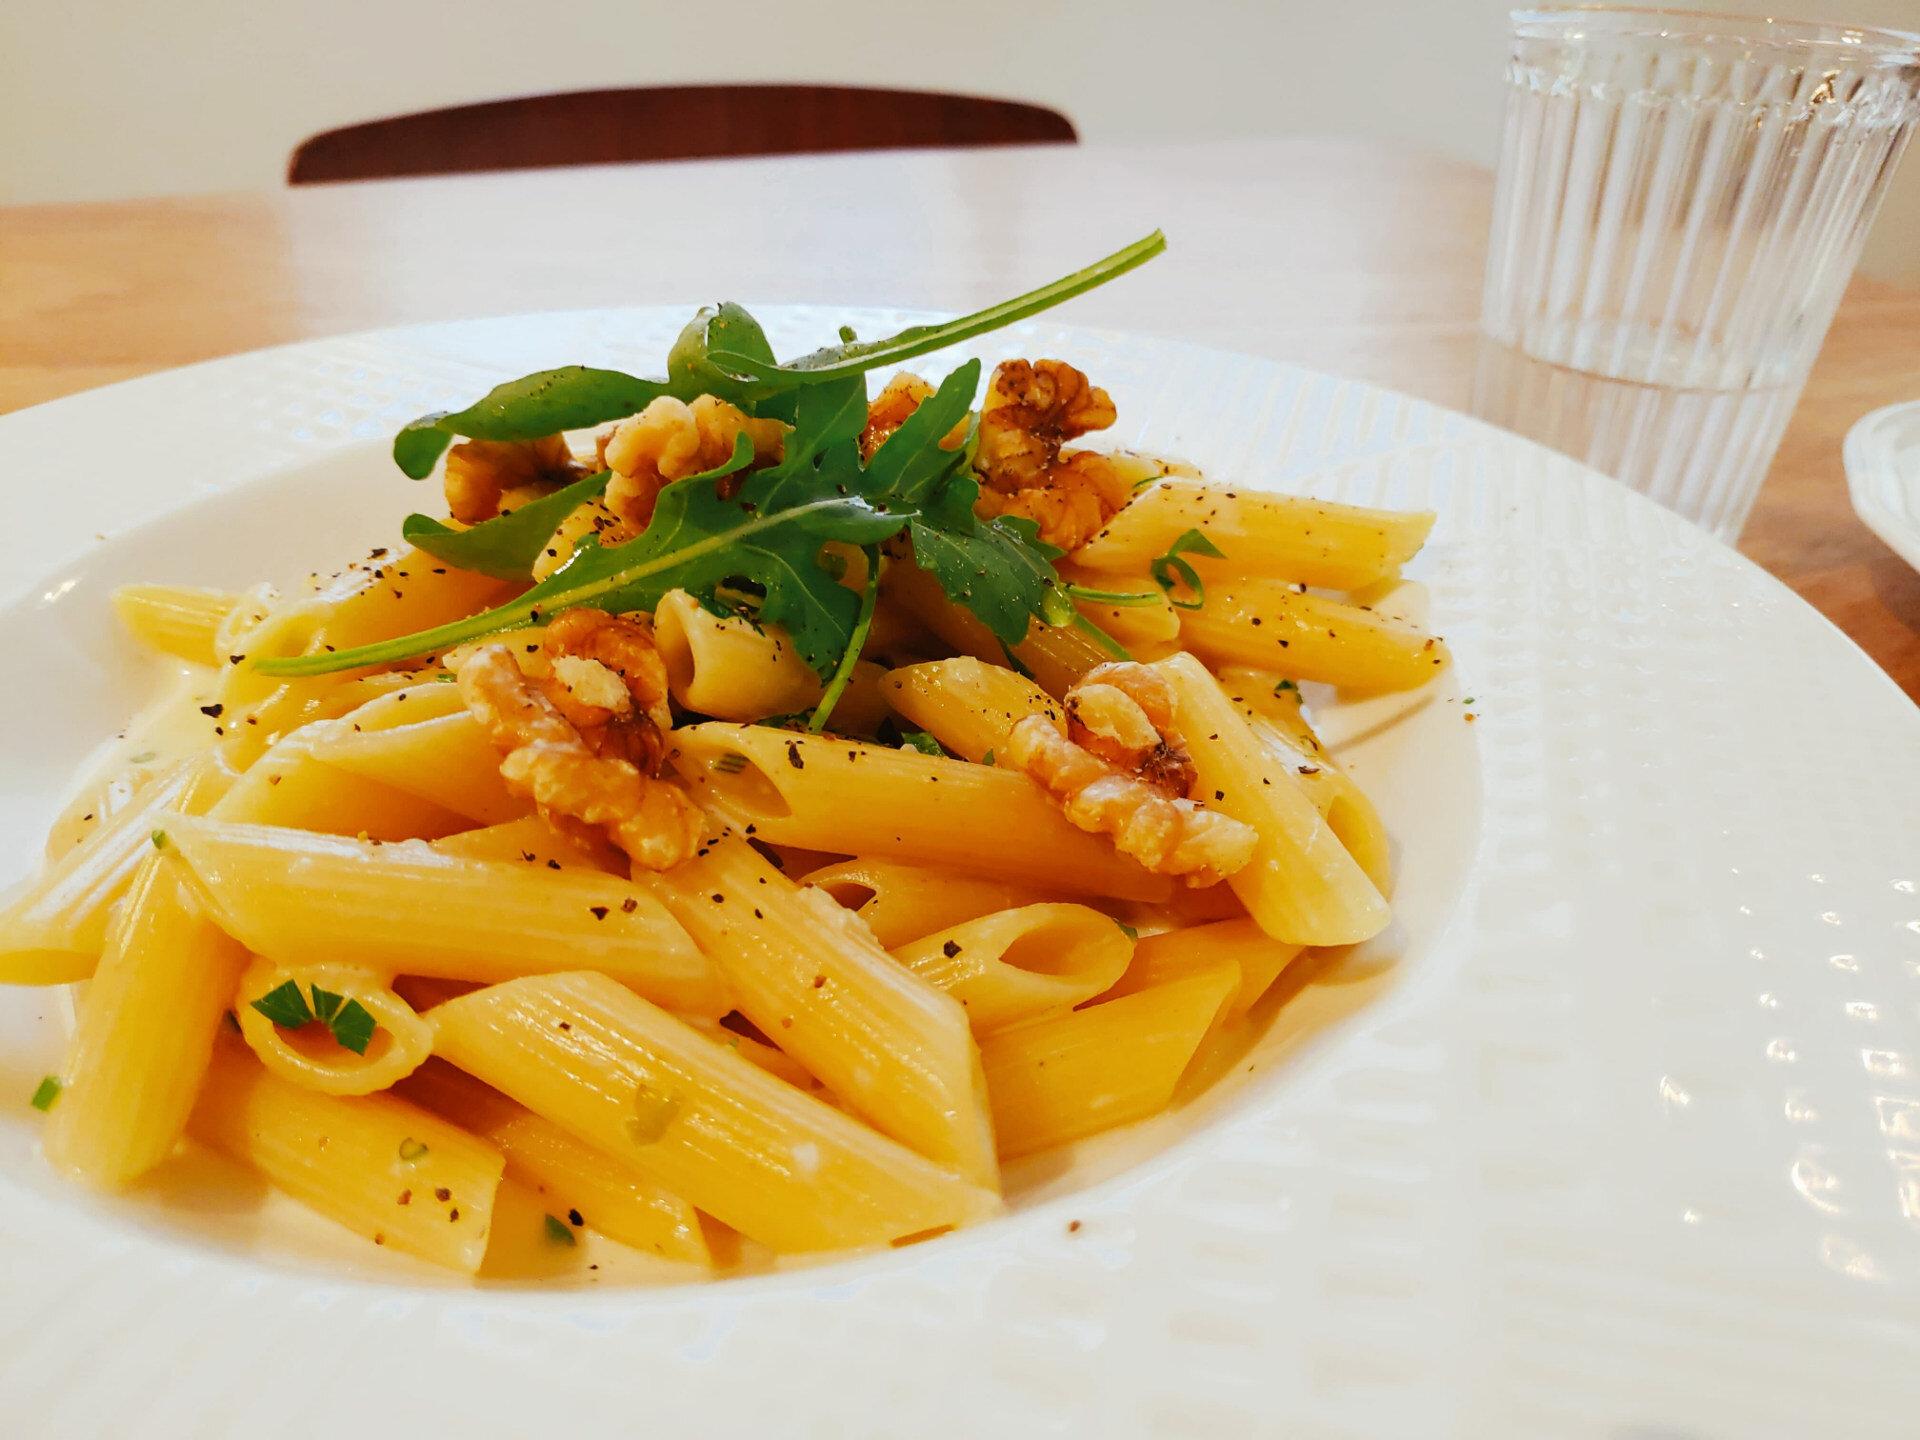 【花蓮市區】Piatto+菜–滿溢著起司的美味筆管麵X健康蔬食料理